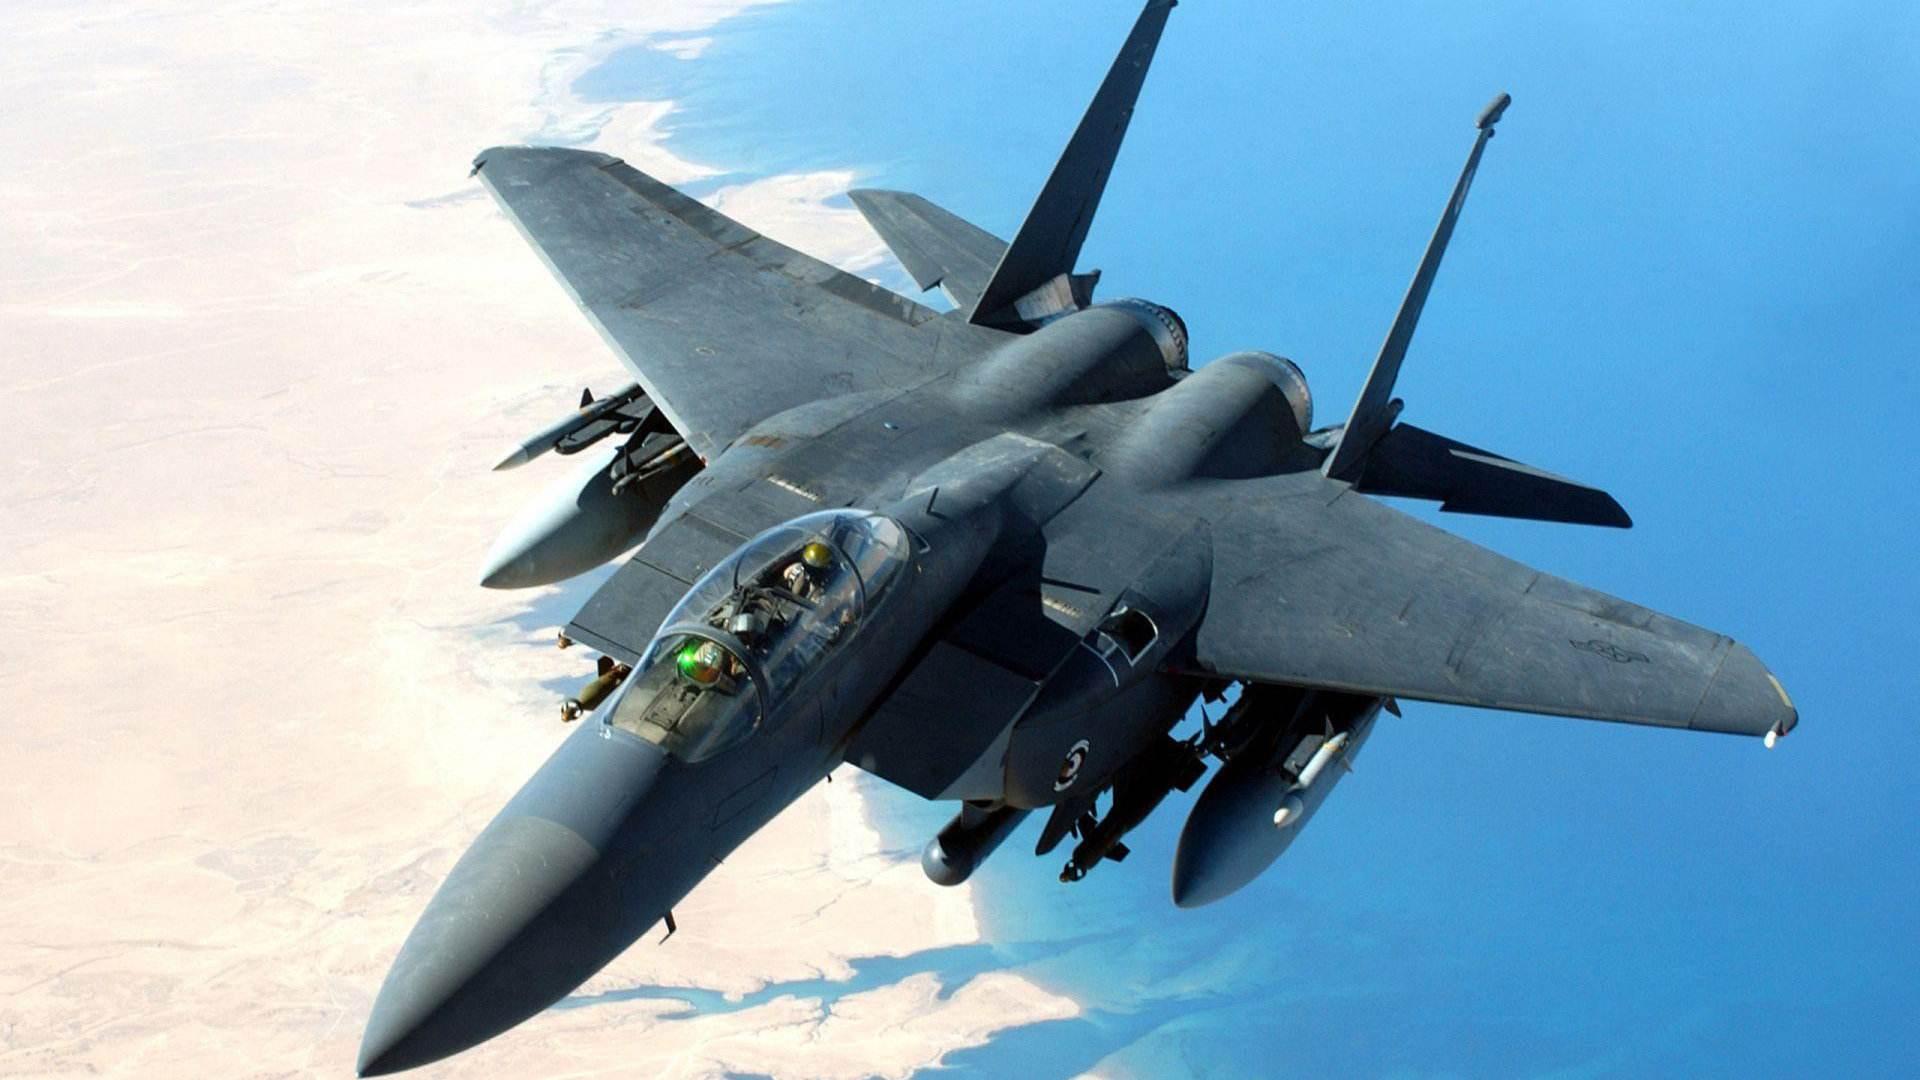 网络安全事故频发,美军近况令人担忧,F15战机系统被黑客破解